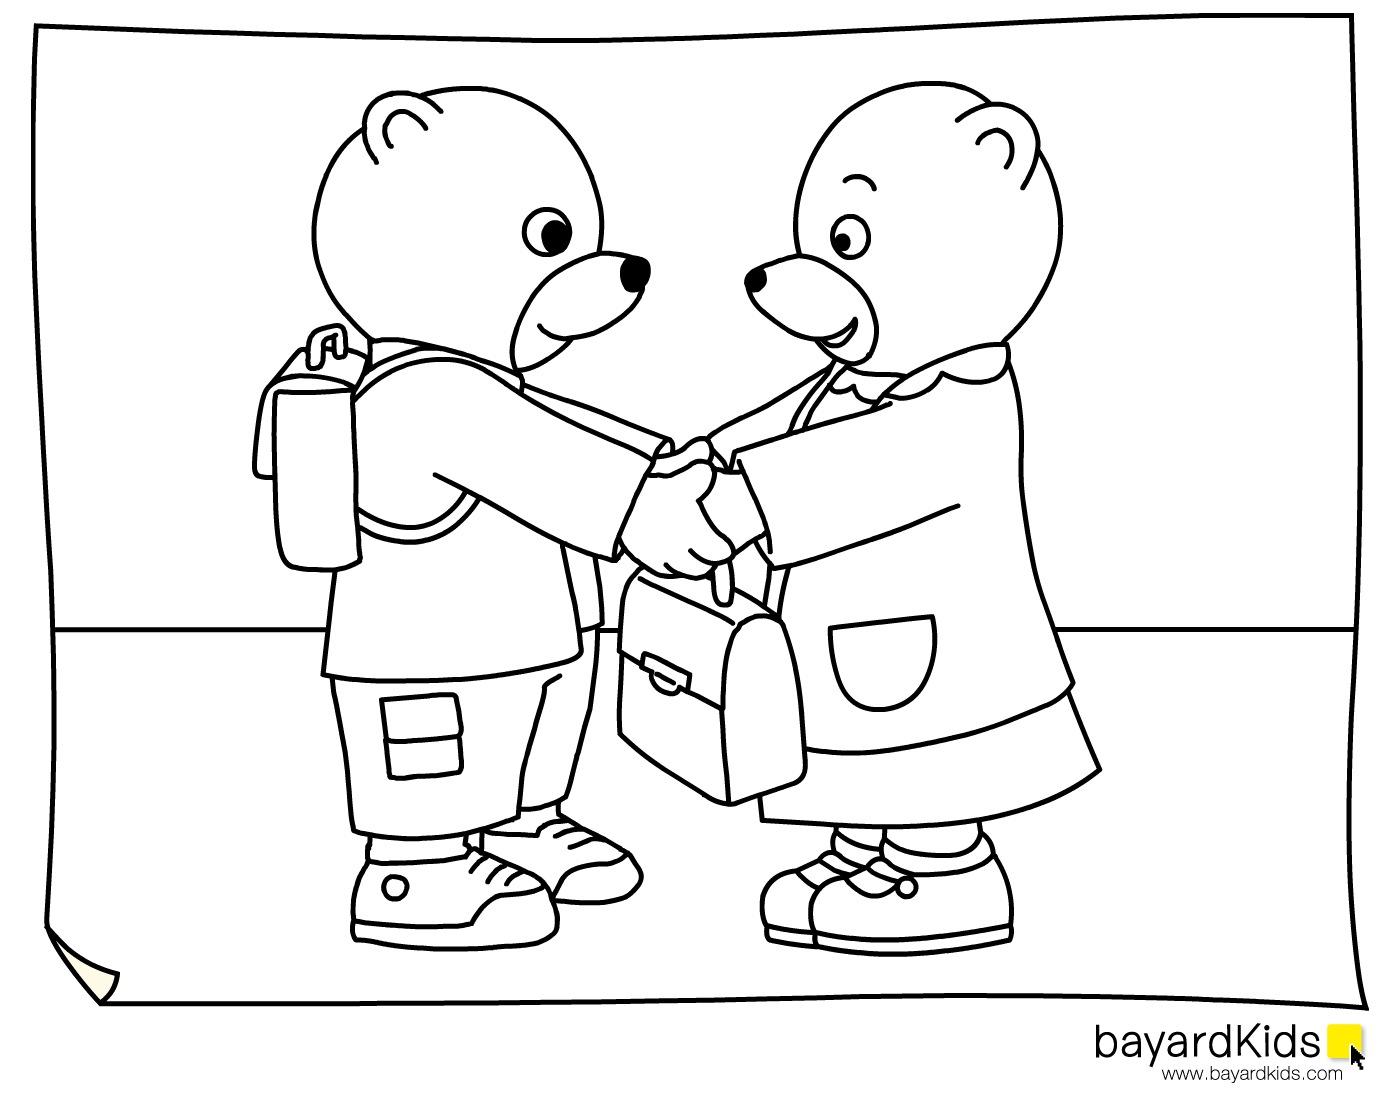 18 dessins de coloriage ours brun imprimer - Dessin en relief a imprimer ...